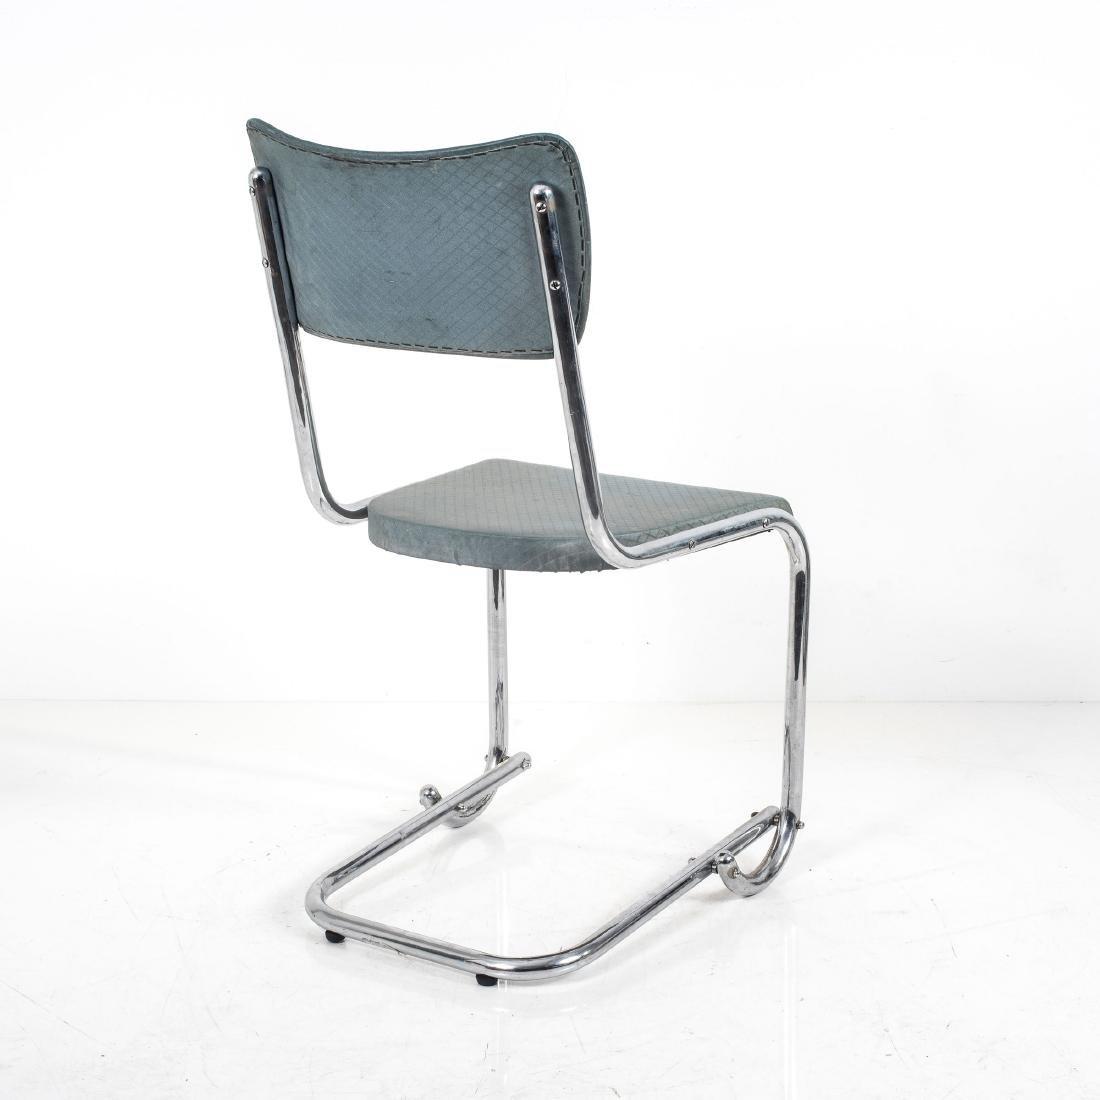 Tubular steel chair, 1930s - 2